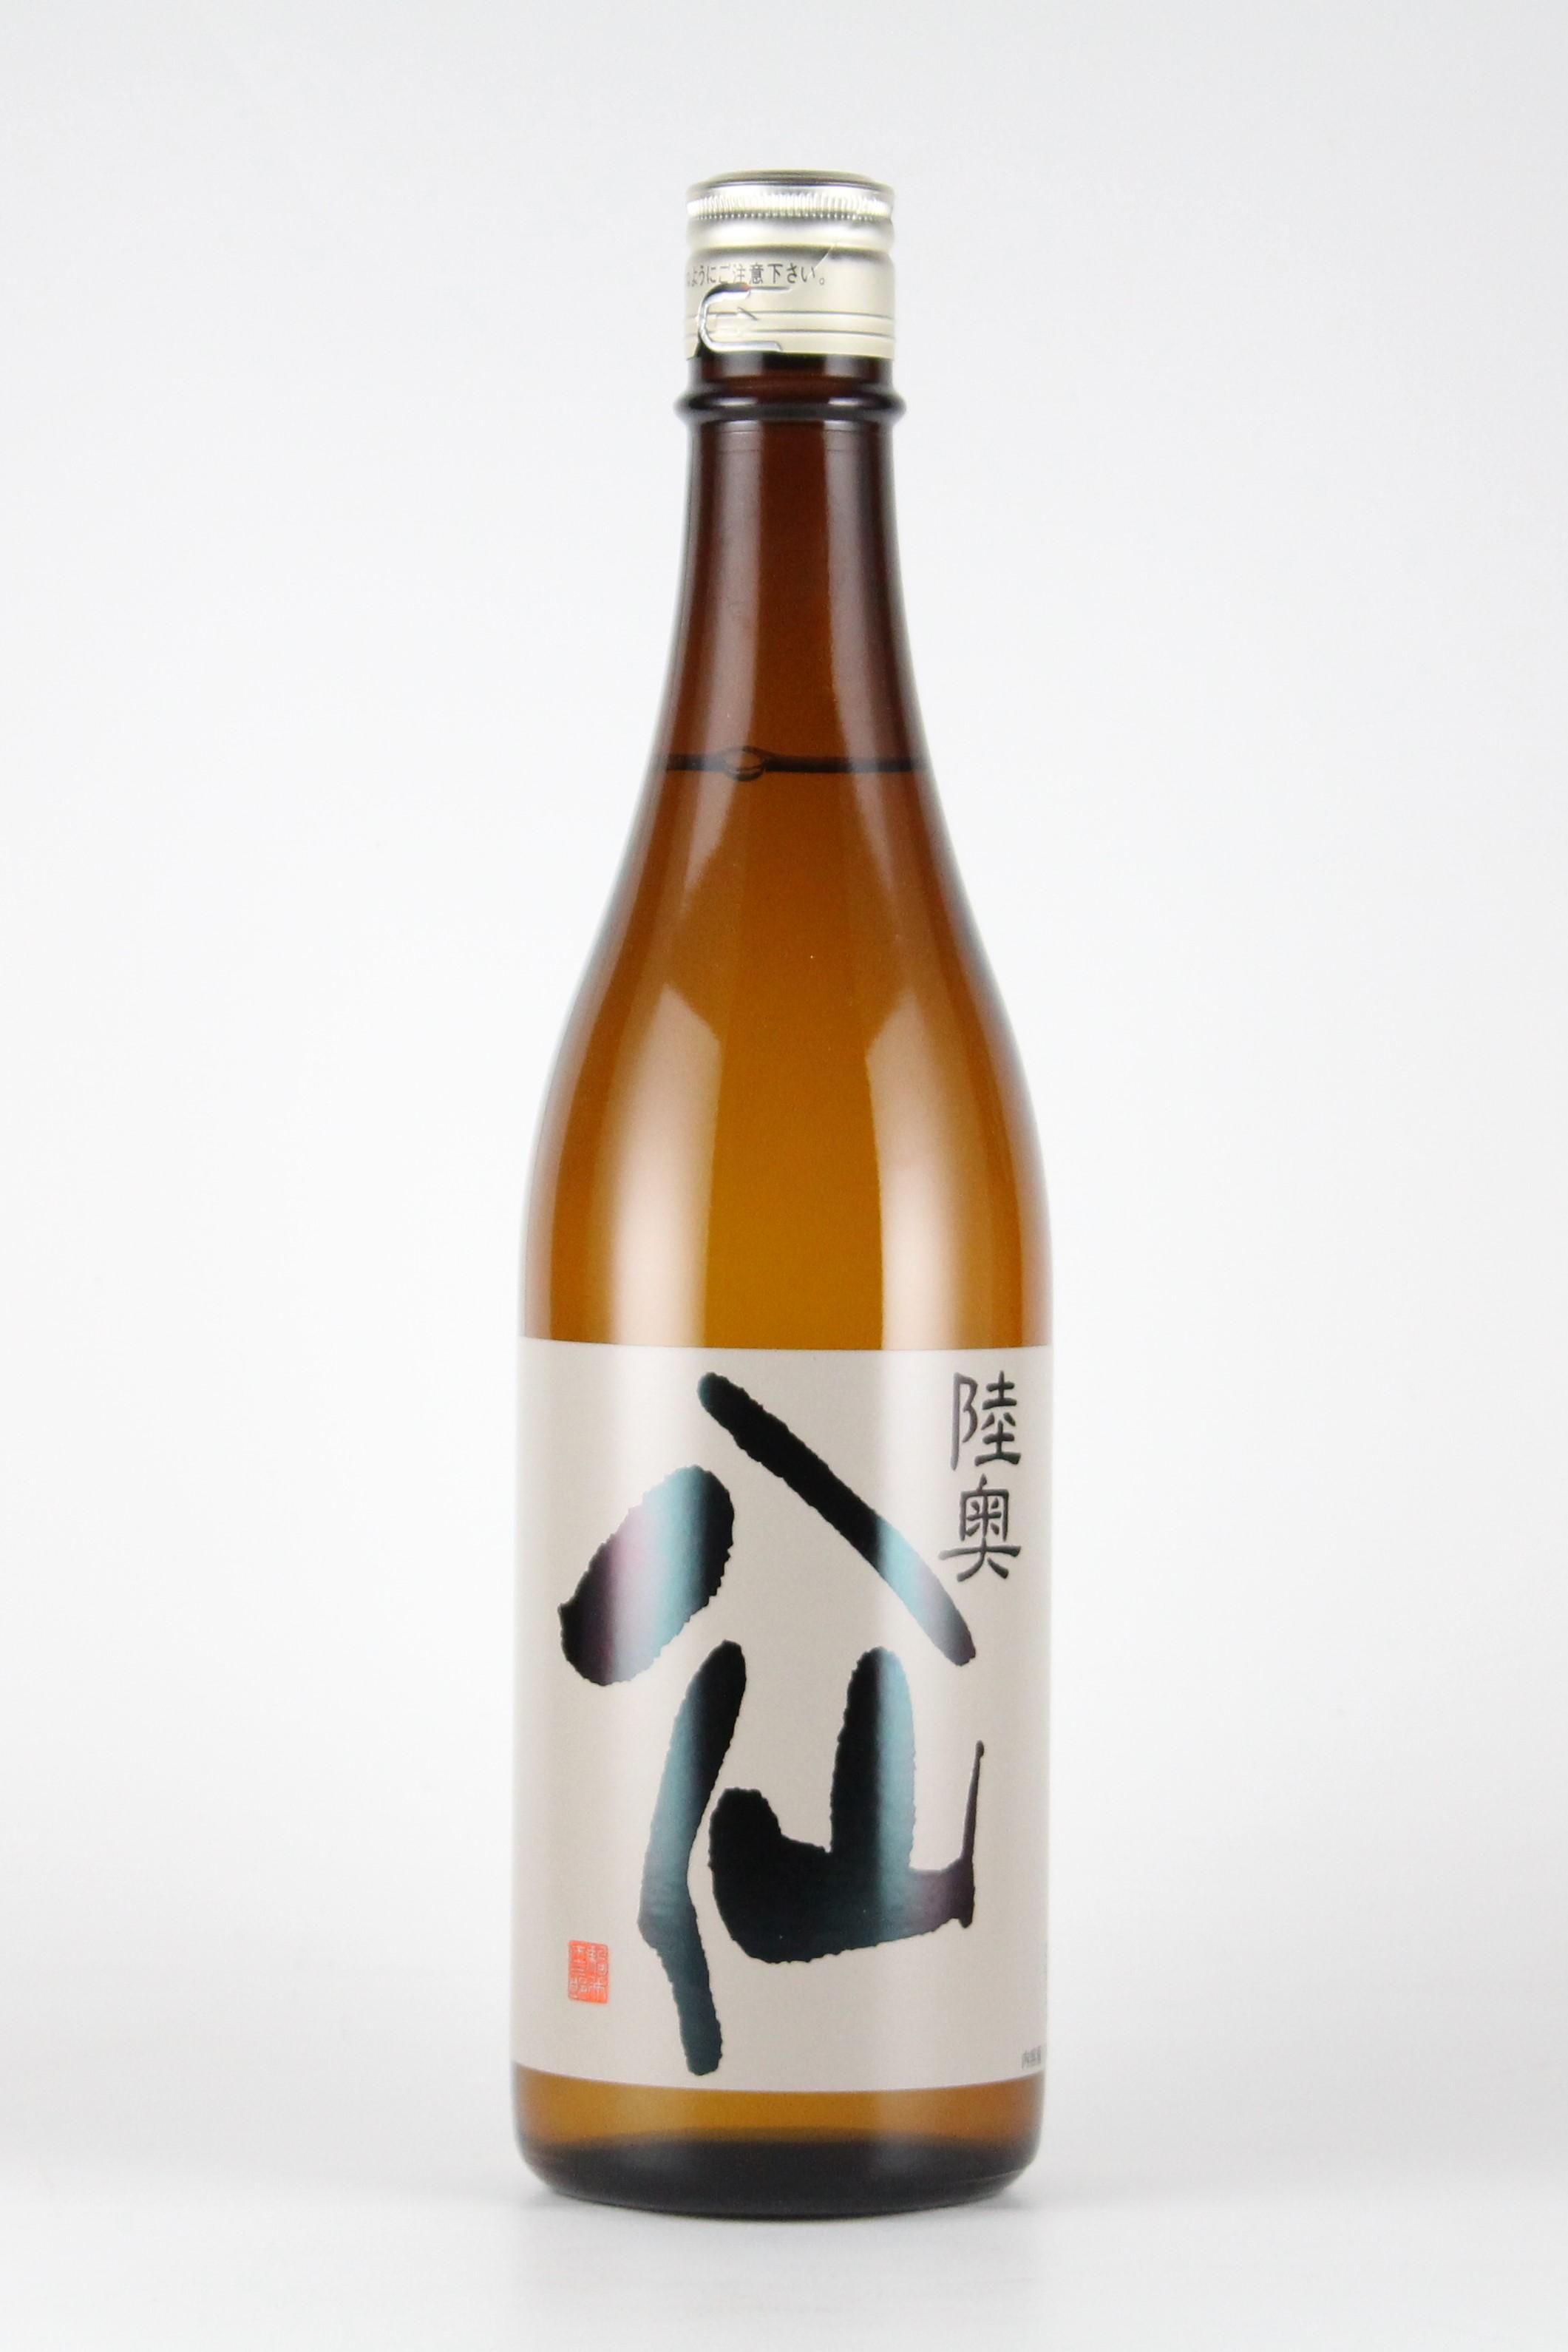 陸奥八仙 黒ラベル 純米吟醸無濾過原酒 720ml 【青森/八戸酒造】